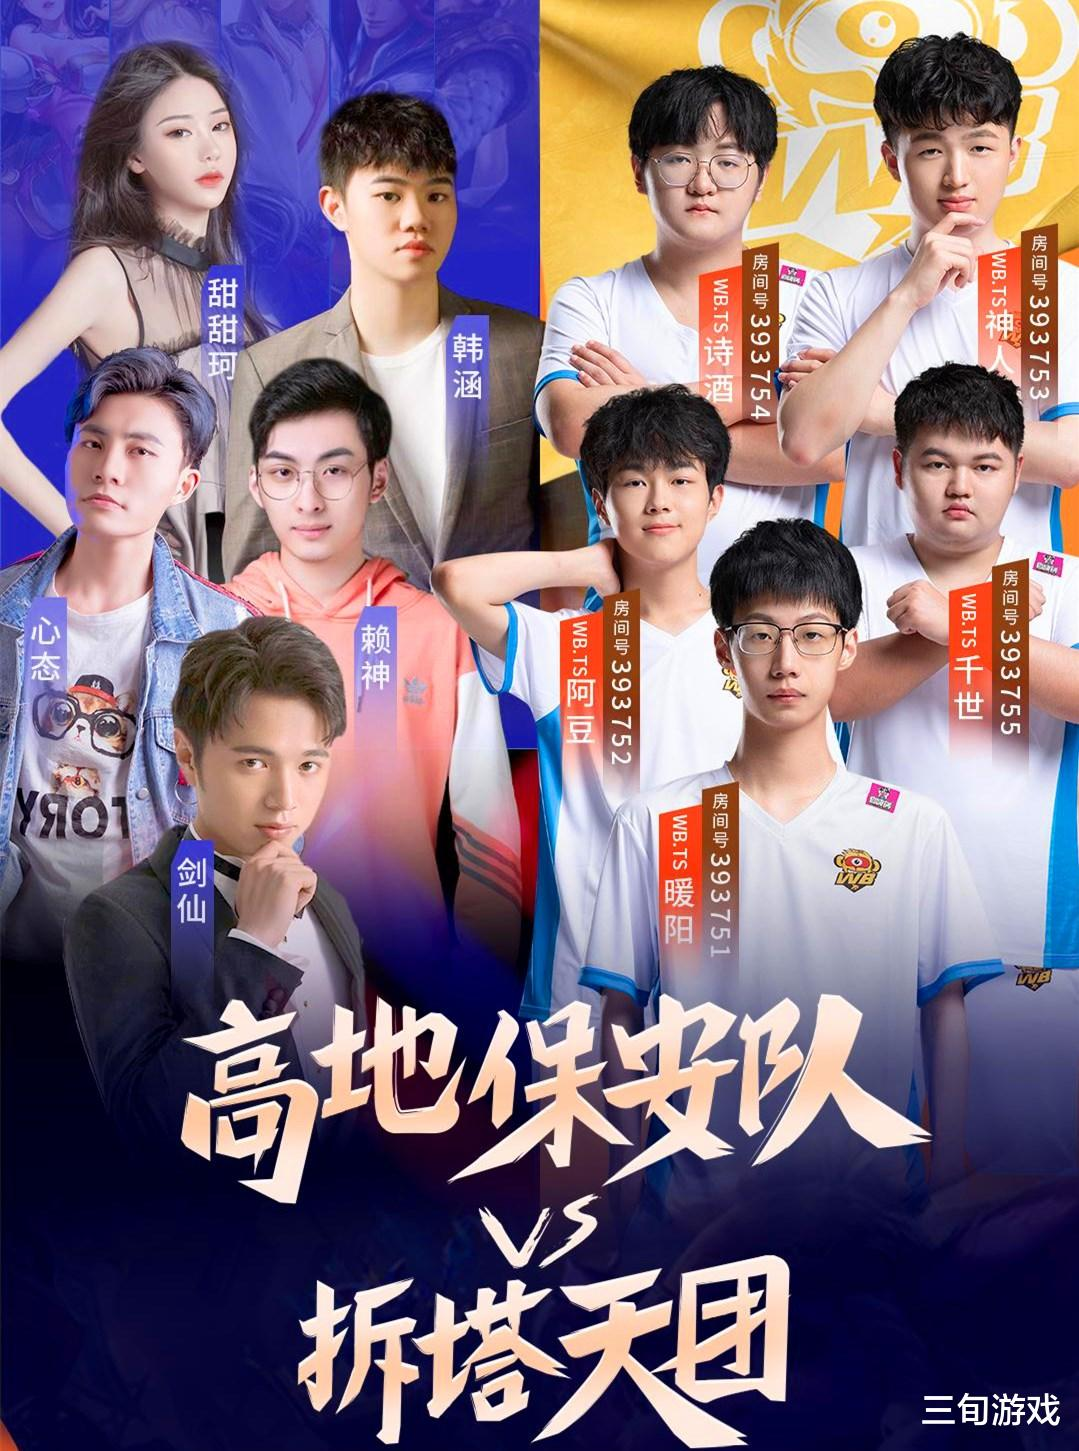 王者荣耀:TS战队正式入驻虎牙,剑仙带队挑战世界冠军!插图1